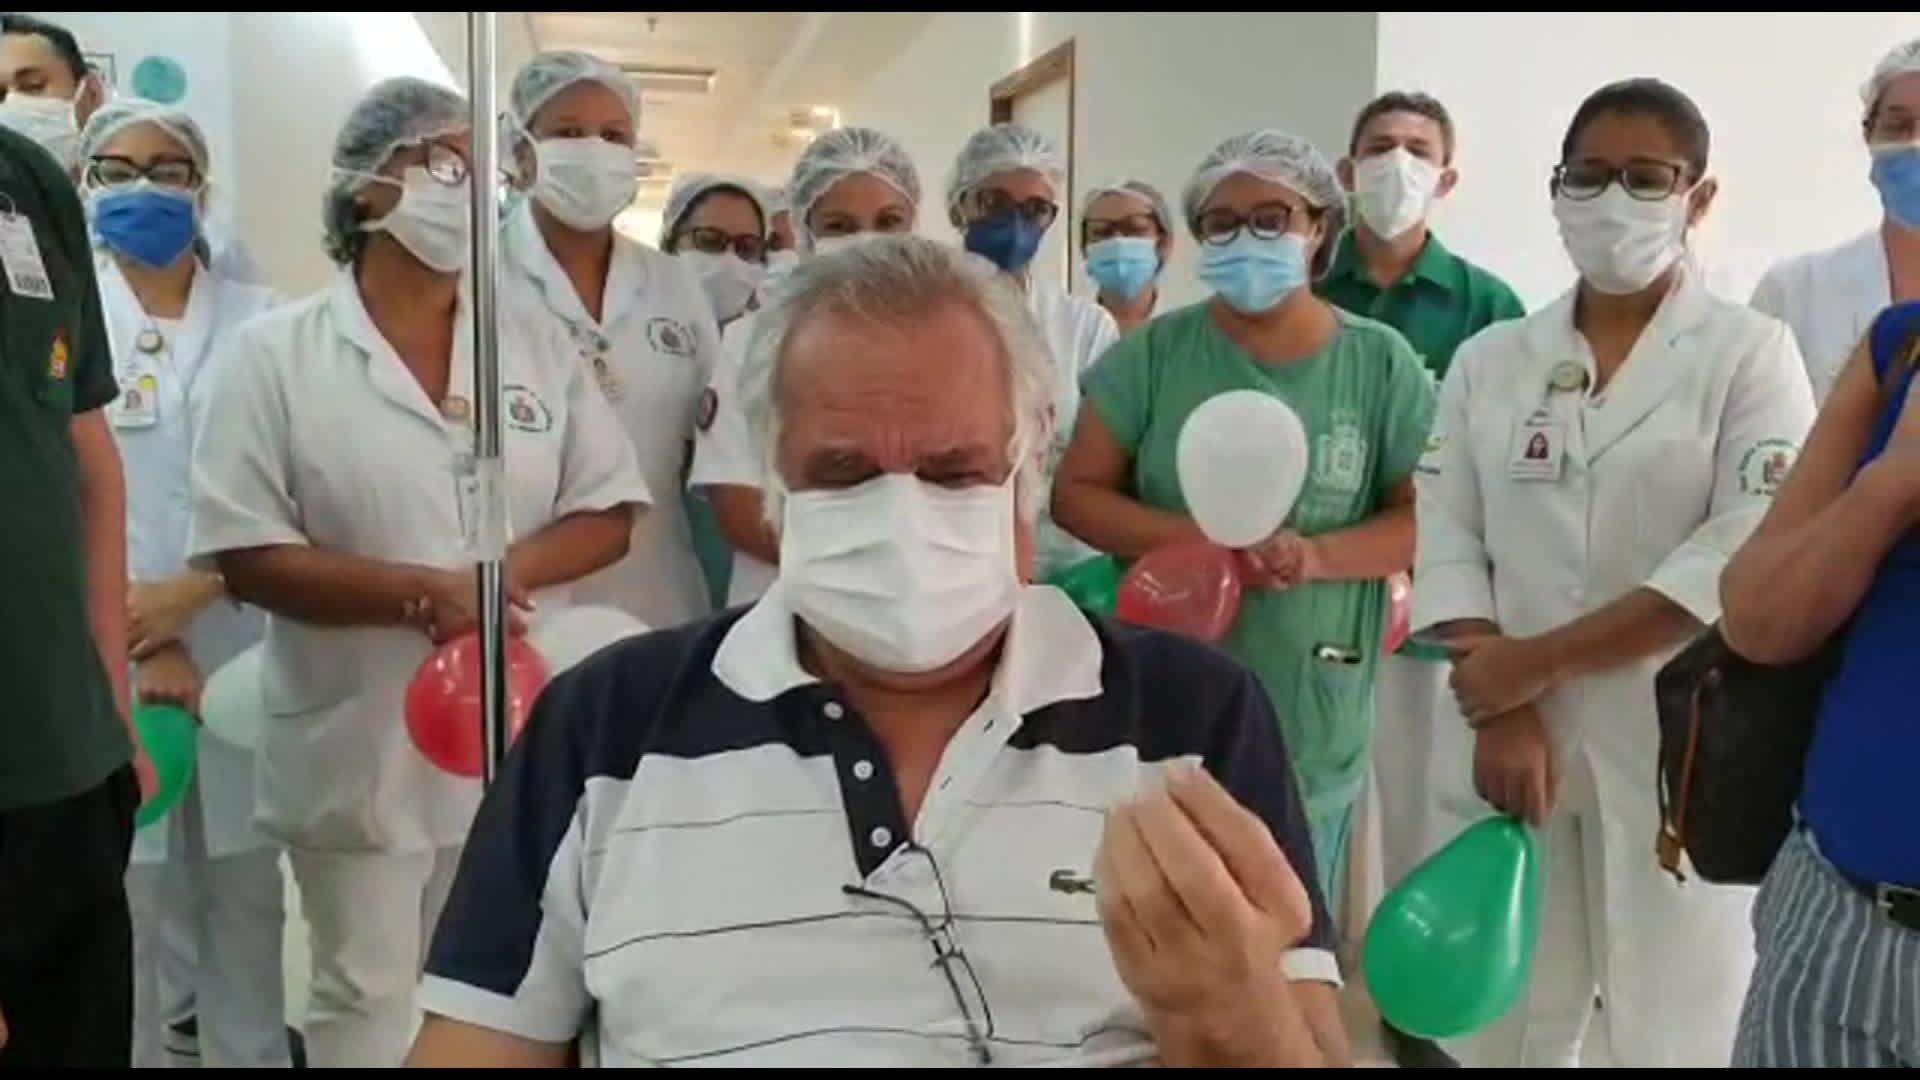 'Quero agradecer a todos pela minha segunda chance de vida', diz primeira vítima da Covid-19 ao receber alta no Recife